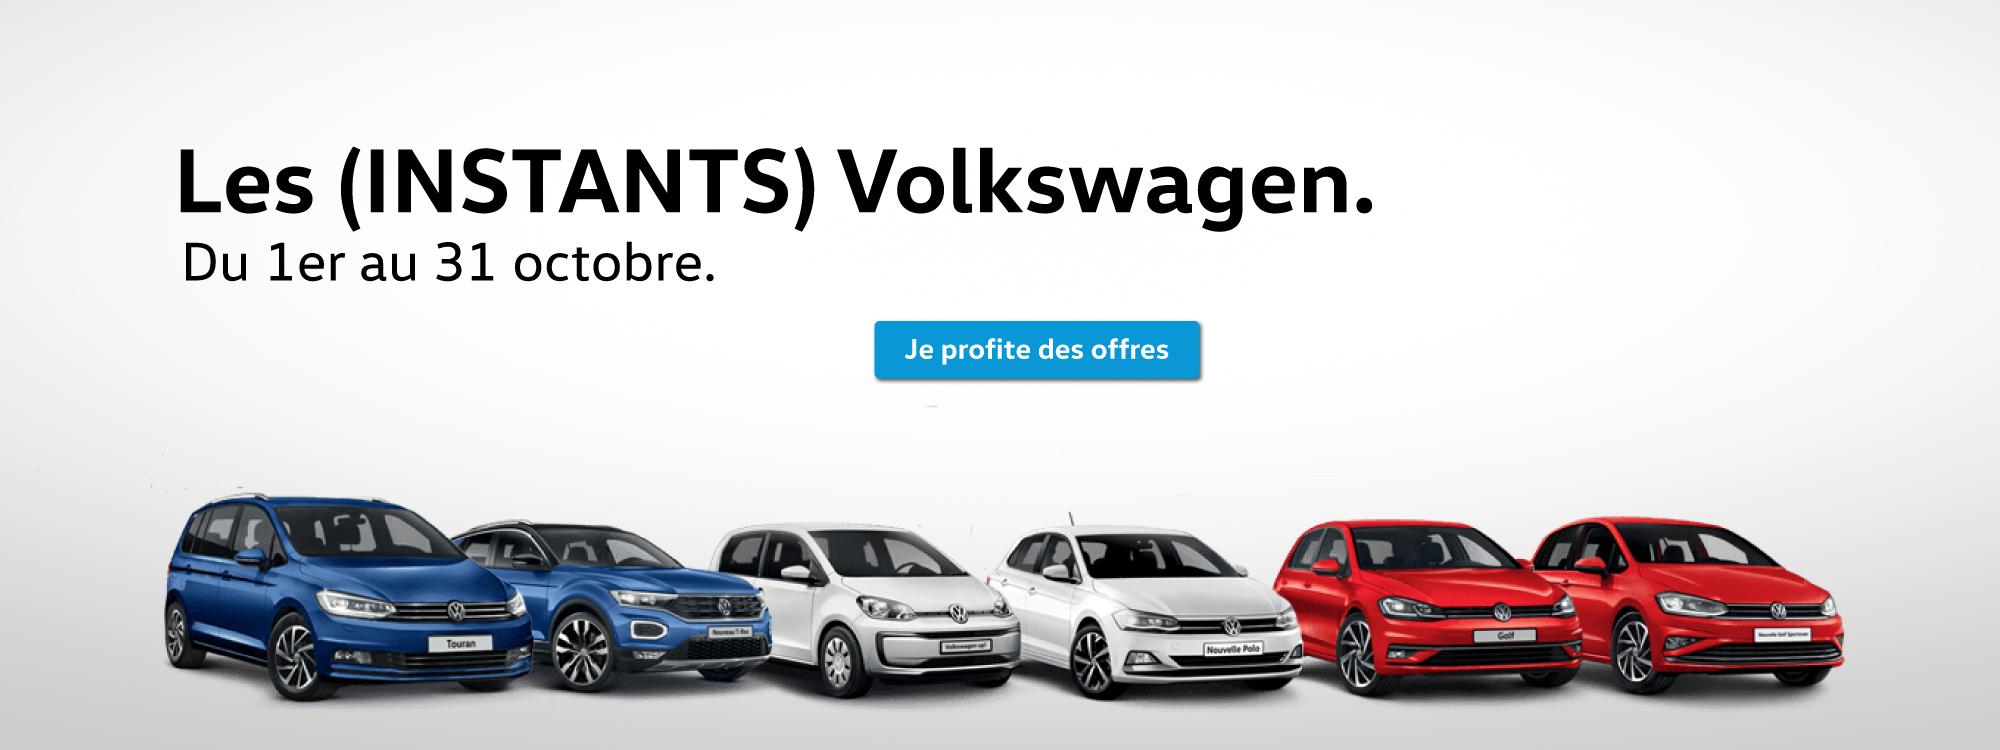 Algauto pont audemer garage volkswagen audi service for Garage ad pont audemer